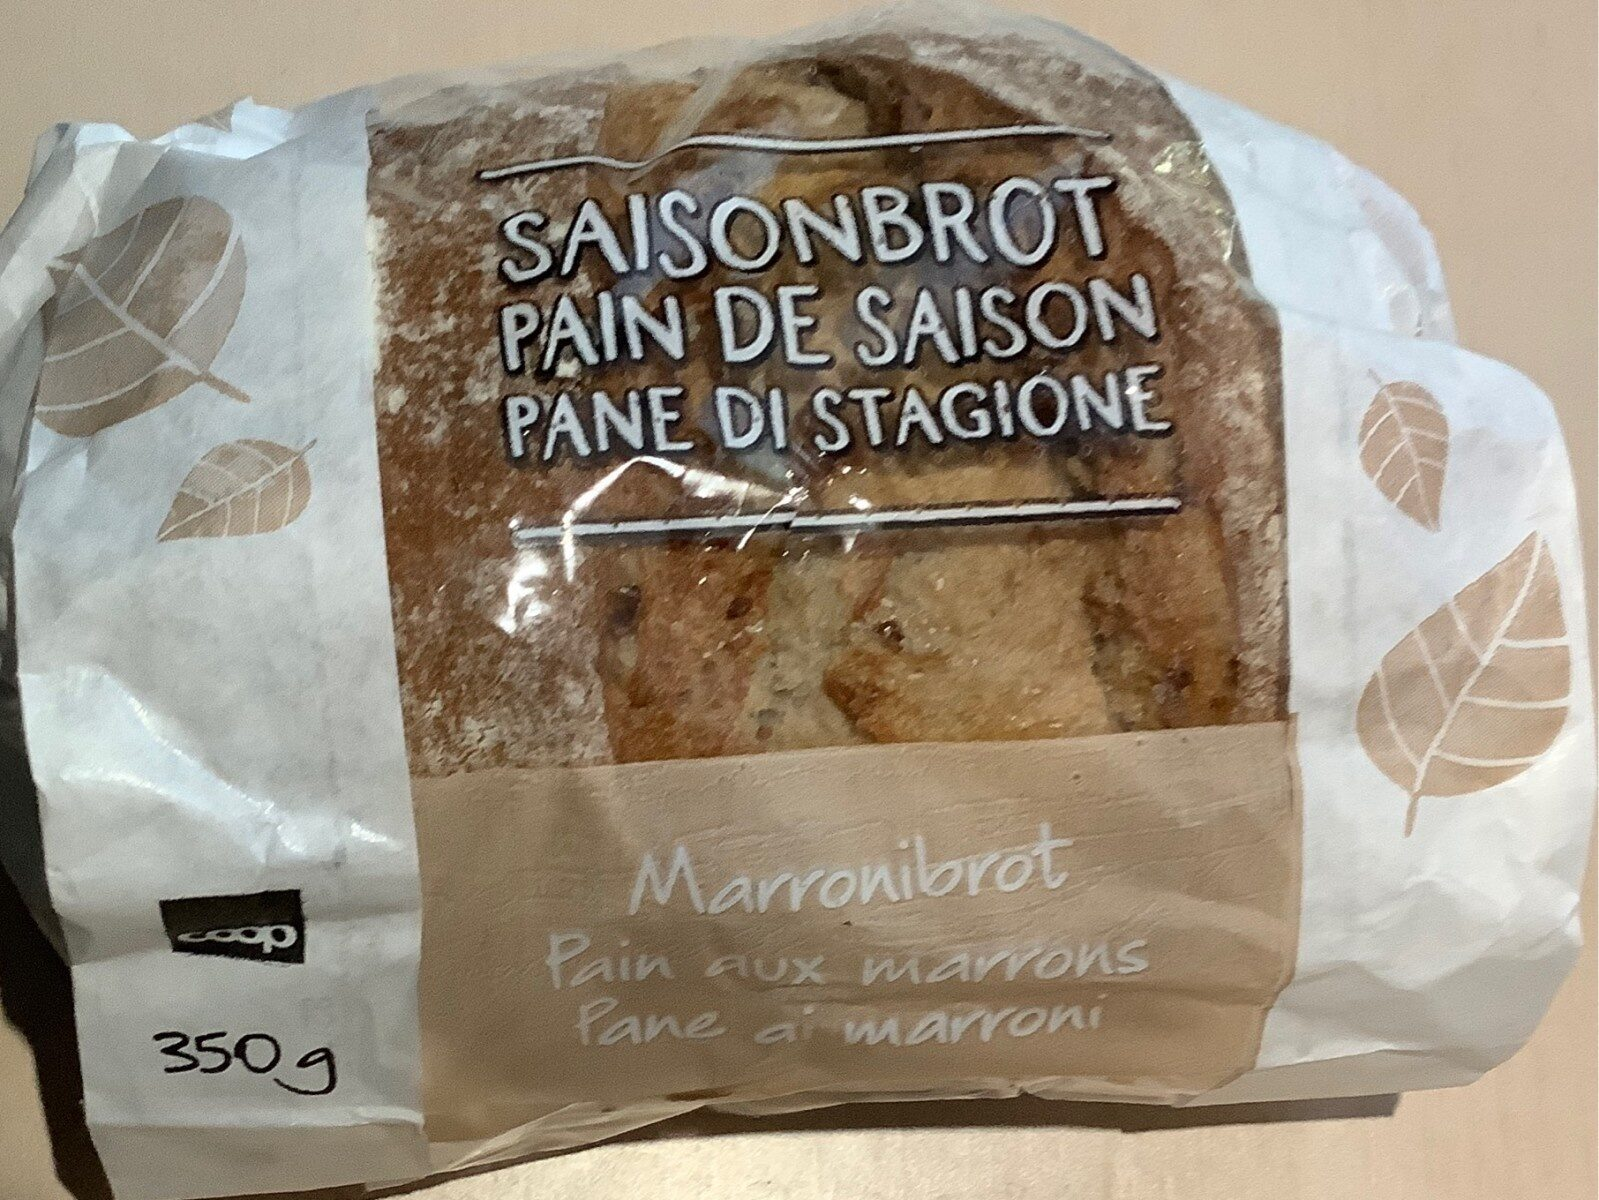 pain aux marrons - Product - fr